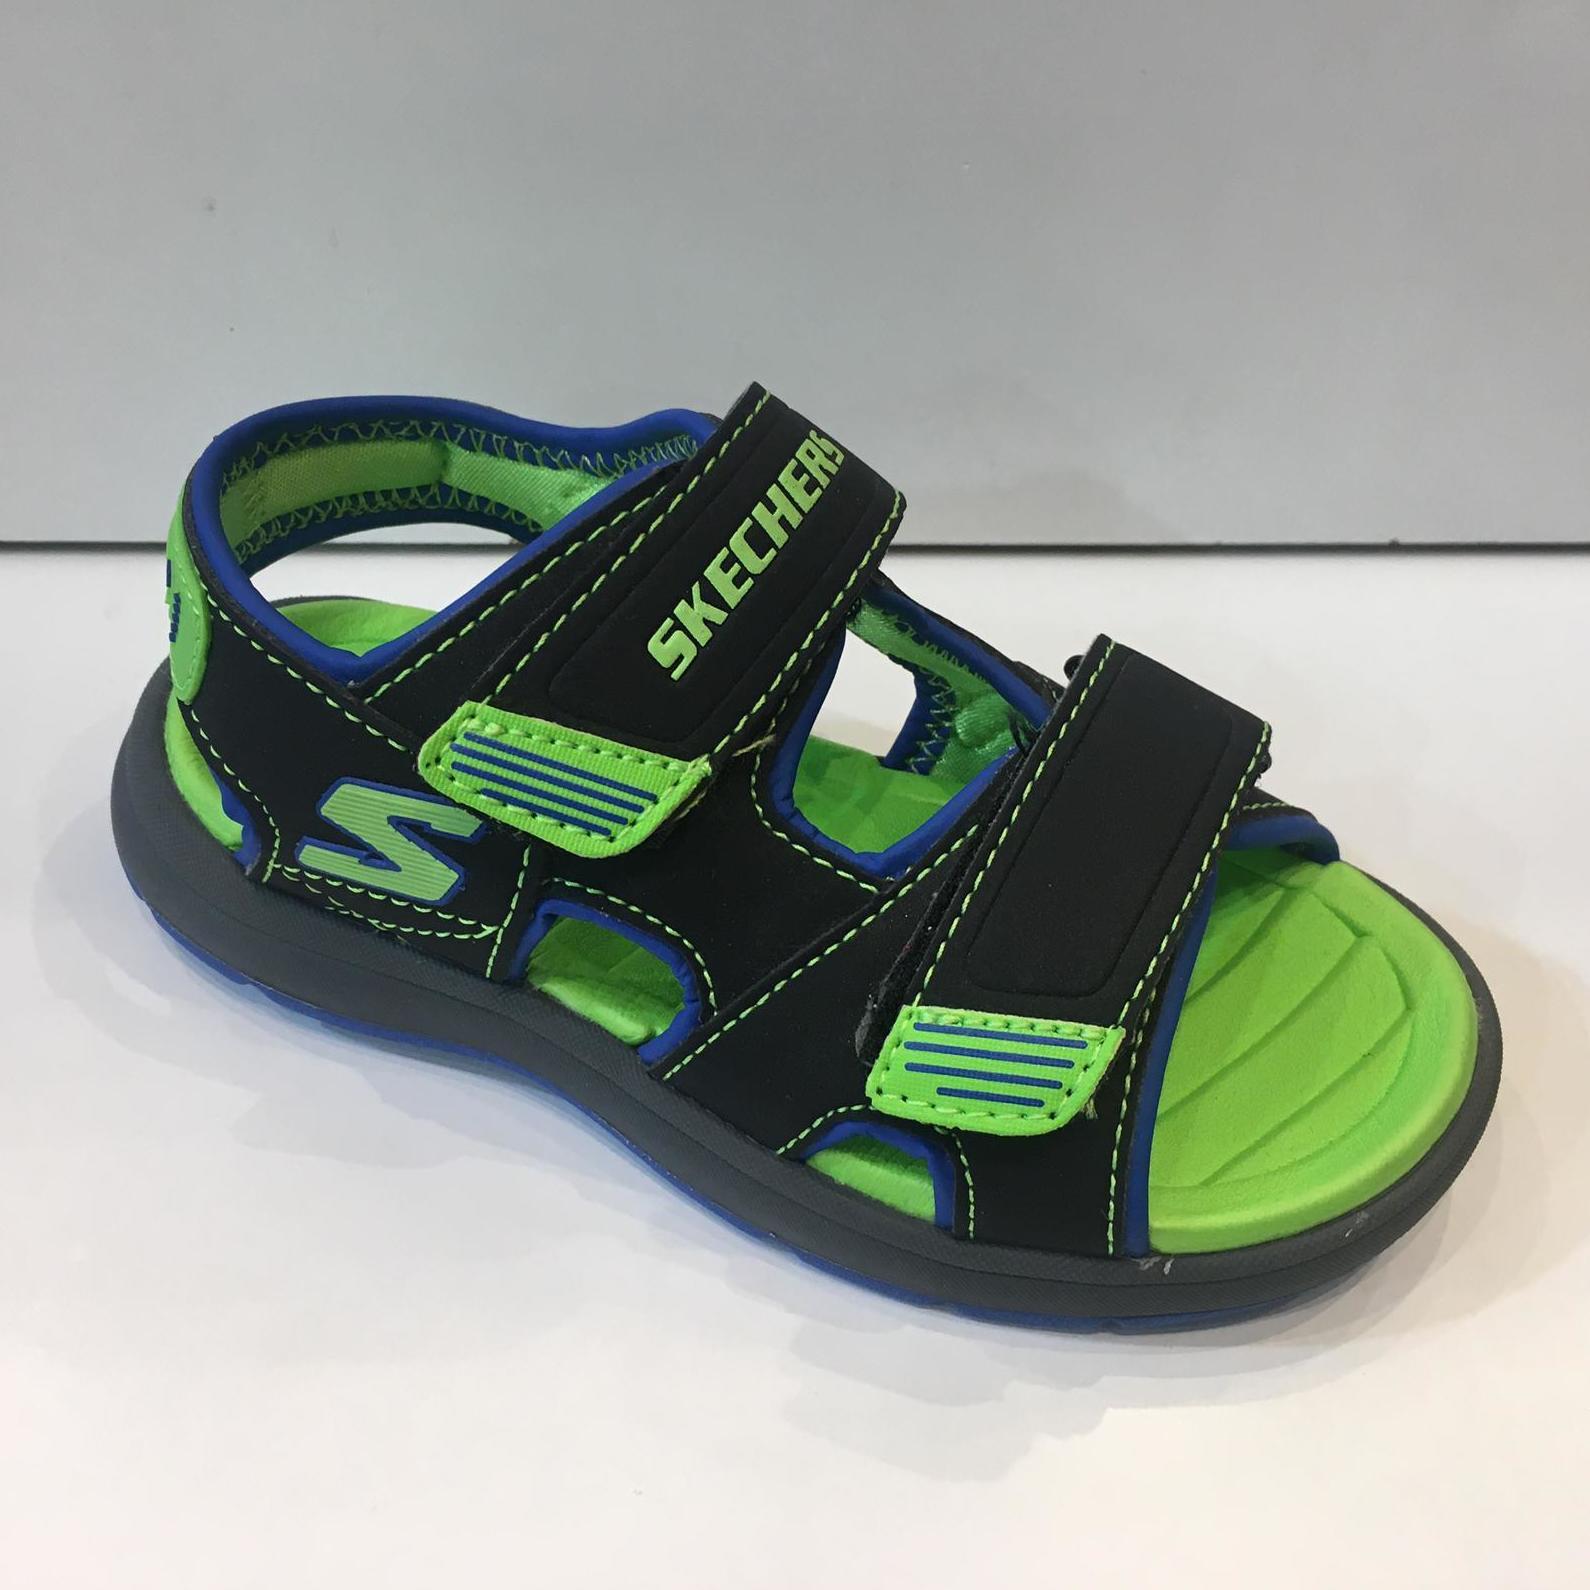 Californiana de la marca Skechers, amb plantilla de memory foam impermeable, es poden mullar perfectament, ideals per al casalet i per a fer jocs d'aigua i caminar còmode 34.95€